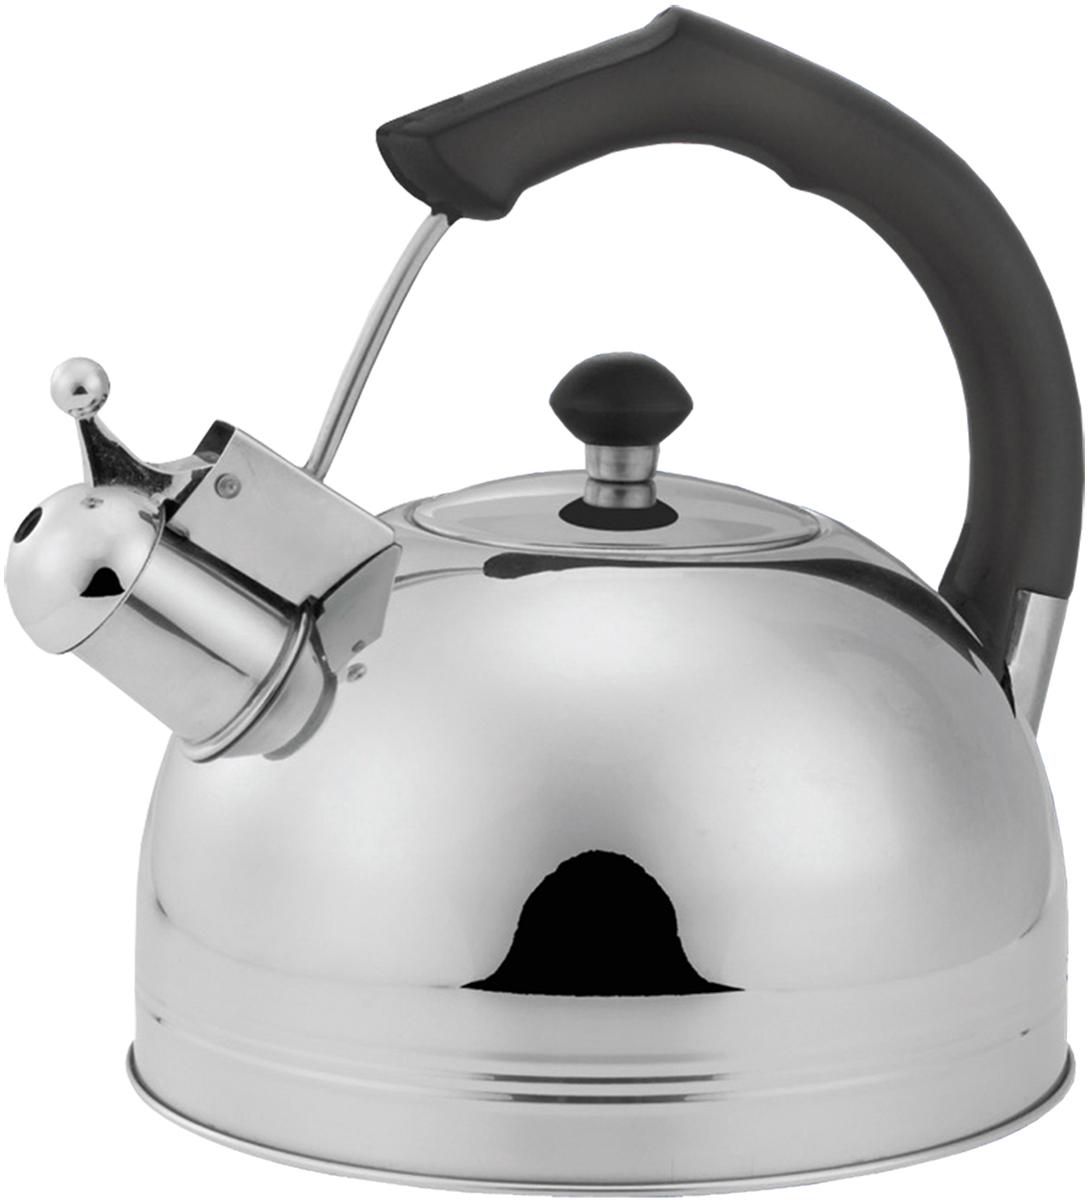 Чайник Bohmann, со свистком, 3 л. 9980-3BHBK9980-3BHBKЧайник Bohmann выполнен из высококачественной нержавеющей стали, чтоделает его весьма гигиеничным и устойчивым к износу при длительномиспользовании. Носик чайника оснащен свистком, что позволит вамконтролировать процесс подогрева или кипячения воды. Фиксированная ручкаизготовлена из бакелита. Зеркальная полировка придает чайнику изысканныйвнешний вид. Эстетичный и функциональный чайник будет оригинальносмотреться в любом интерьере.Подходит для использования на всехтипах плит. Можно мыть в посудомоечной машине. Высота чайника (сучетом ручки и крышки): 23 см.Диаметр чайника (по верхнему краю): 8,5см.Диаметр основания: 20 см.